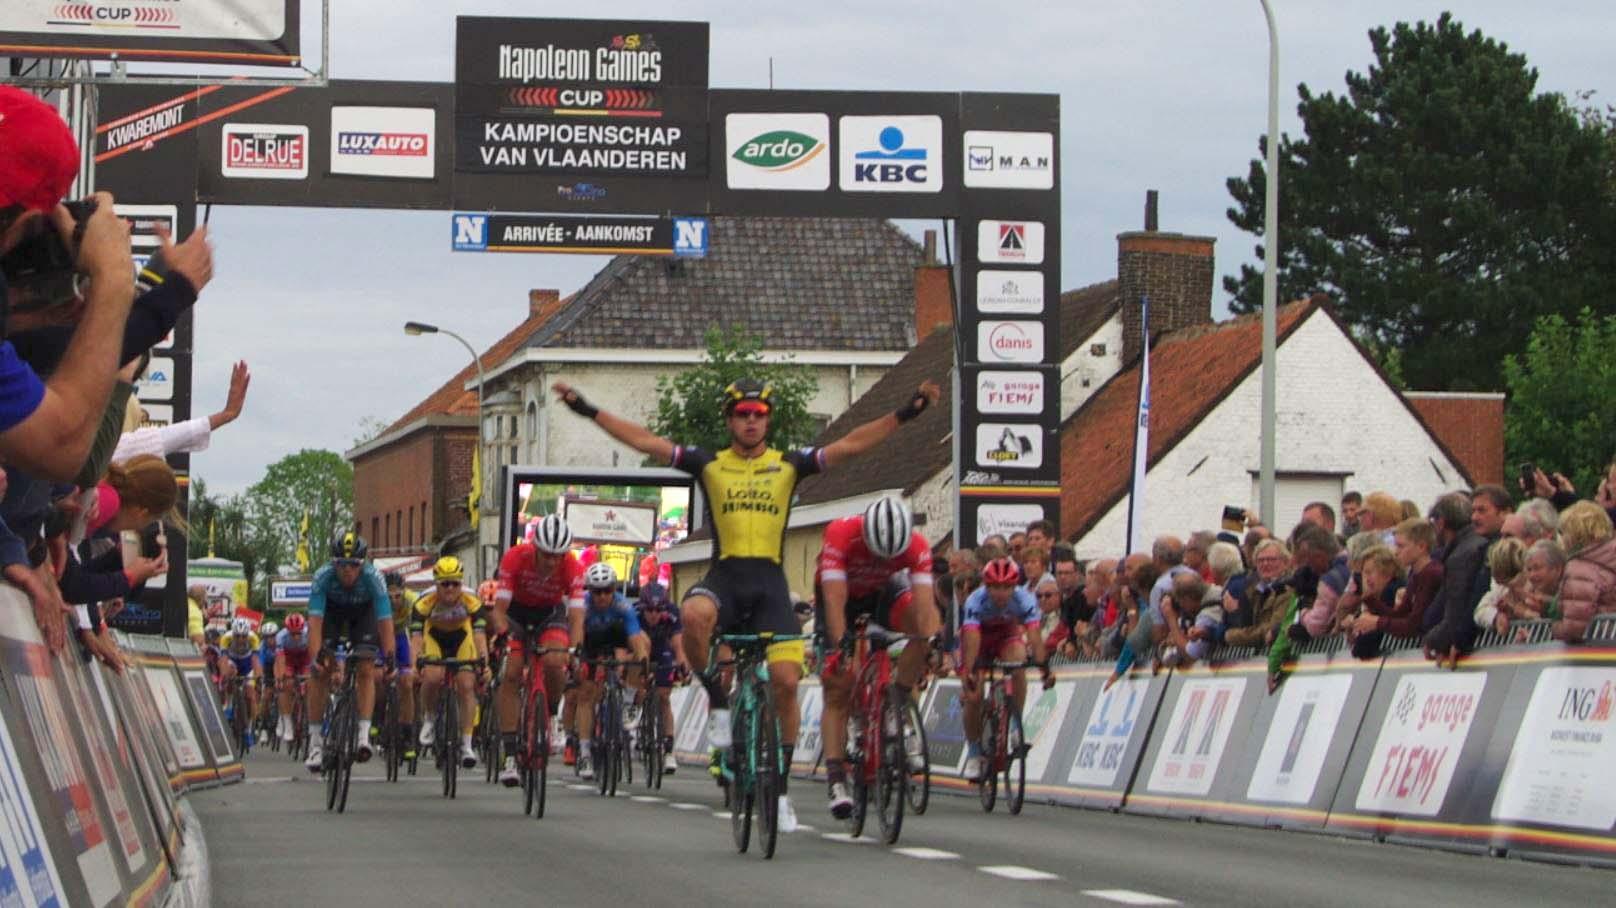 Dylan Groenewegen vince la Kampioenschap van Vlaanderen 2018